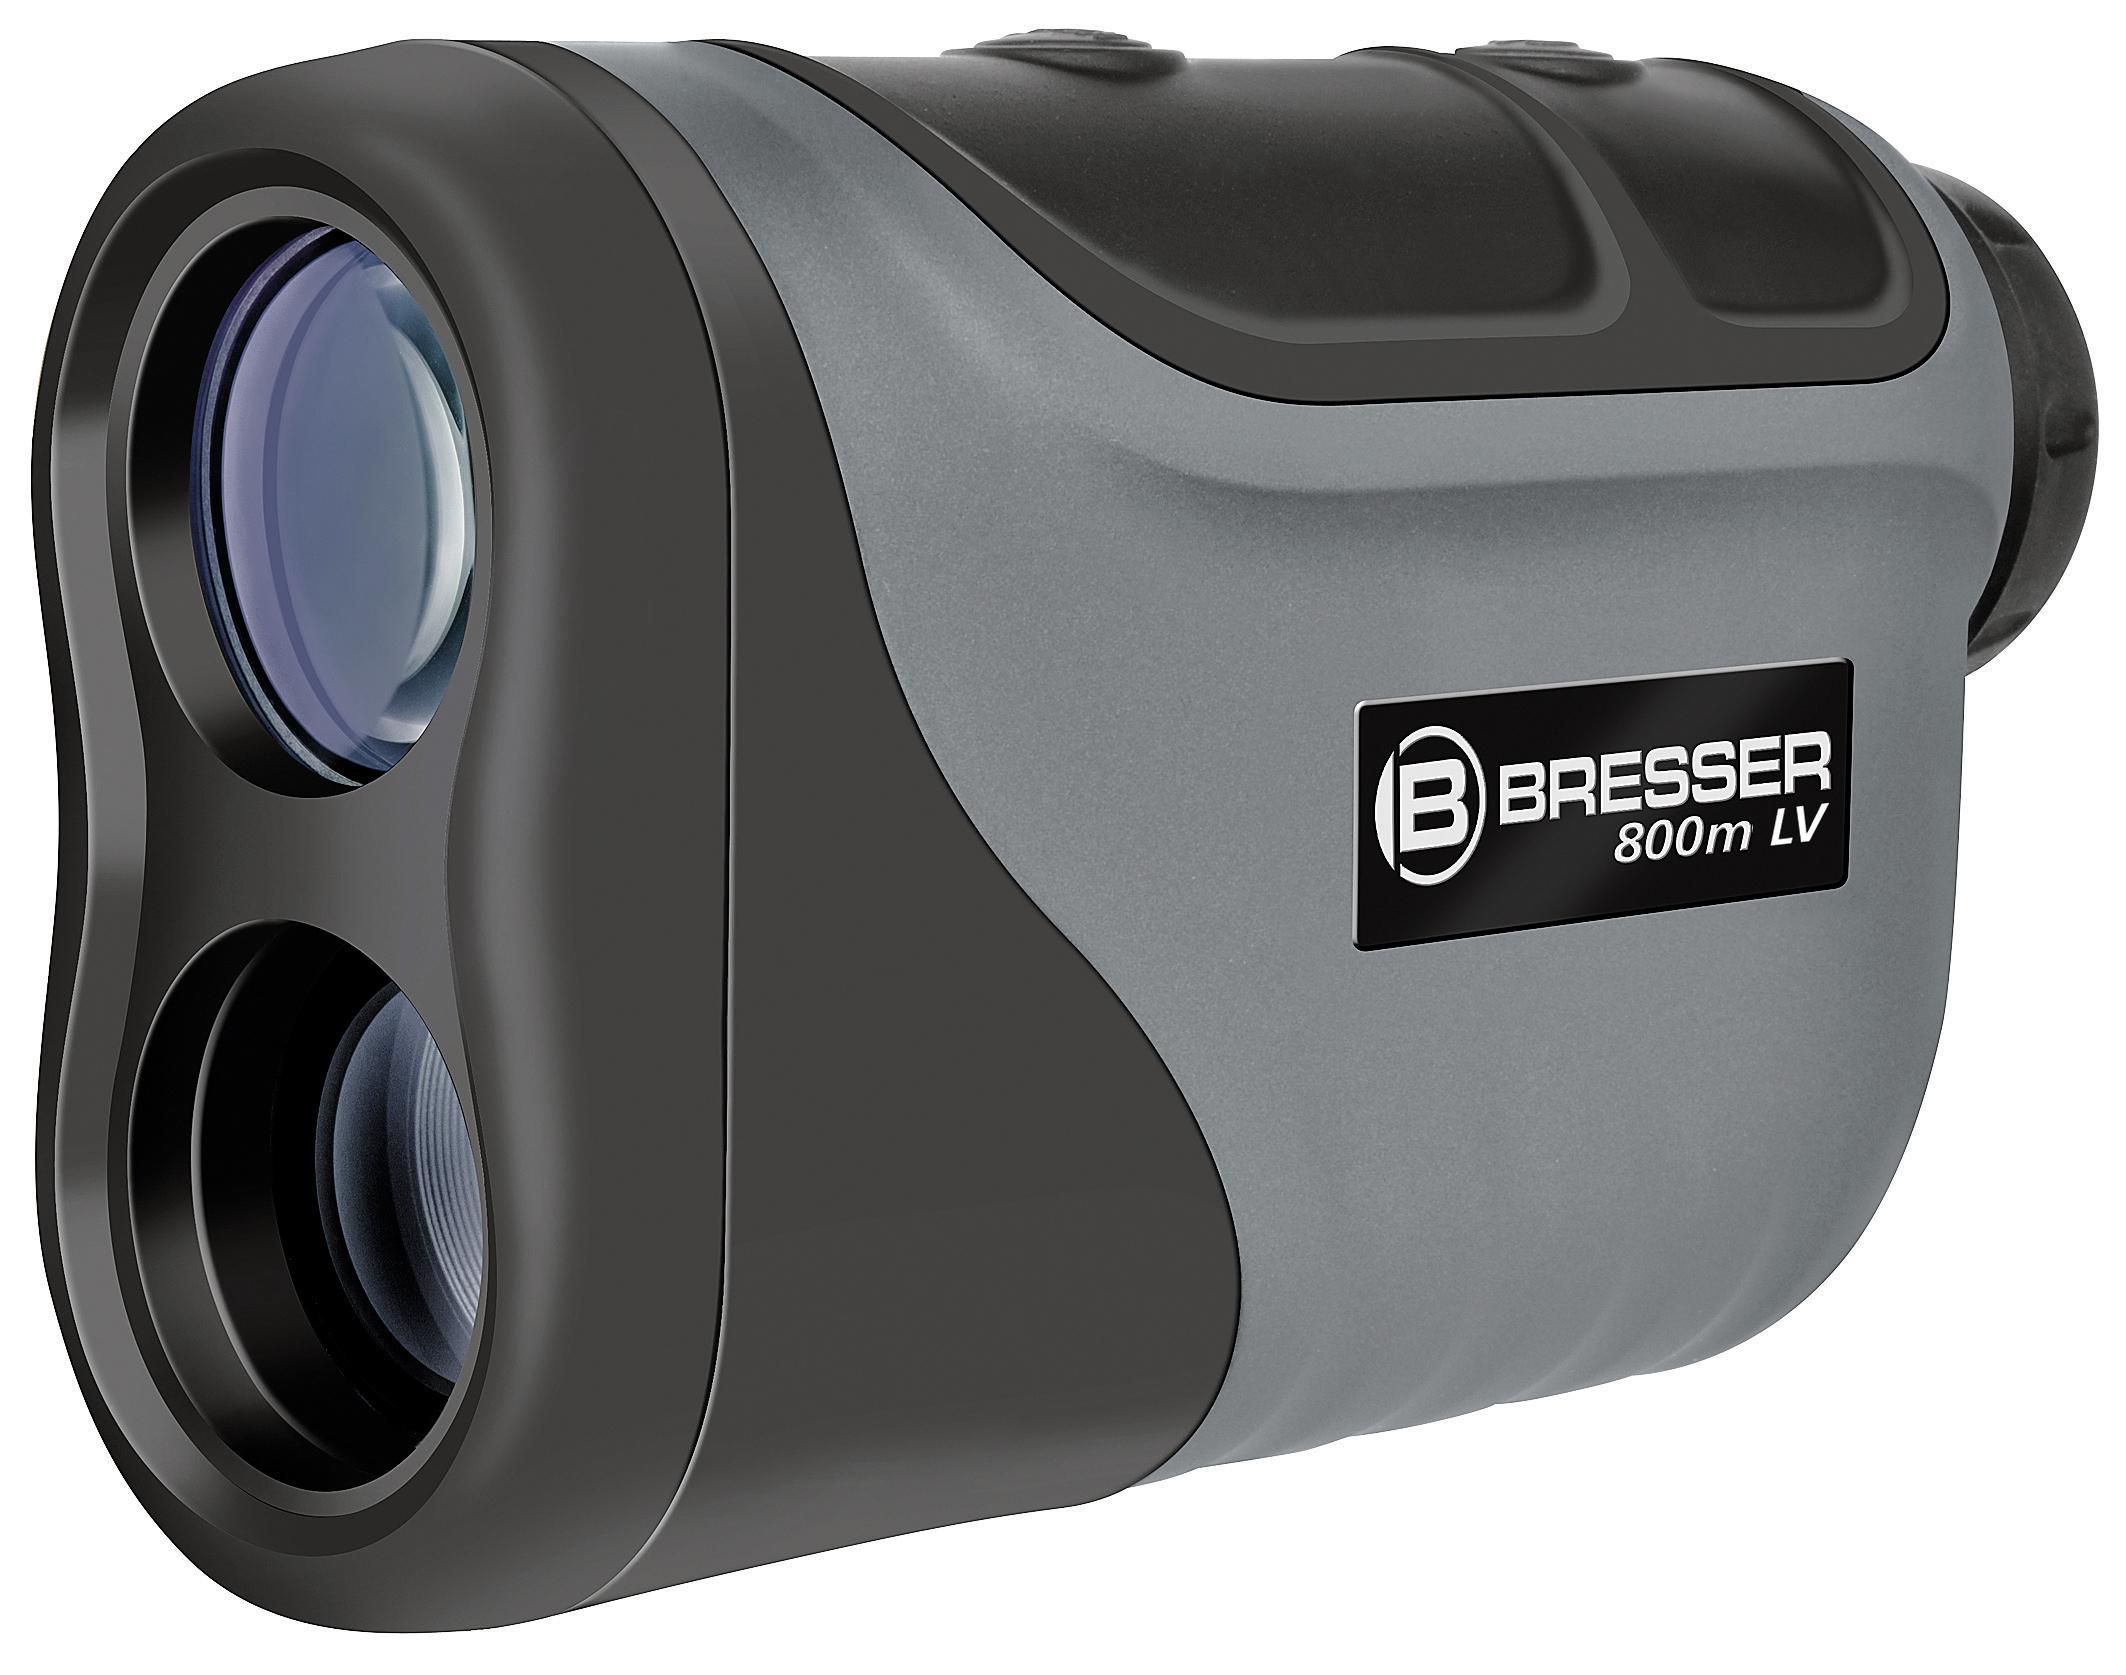 Tacklife Entfernungsmesser Reinigen : Bresser laser entfernungsmesser mit live mode amazon kamera